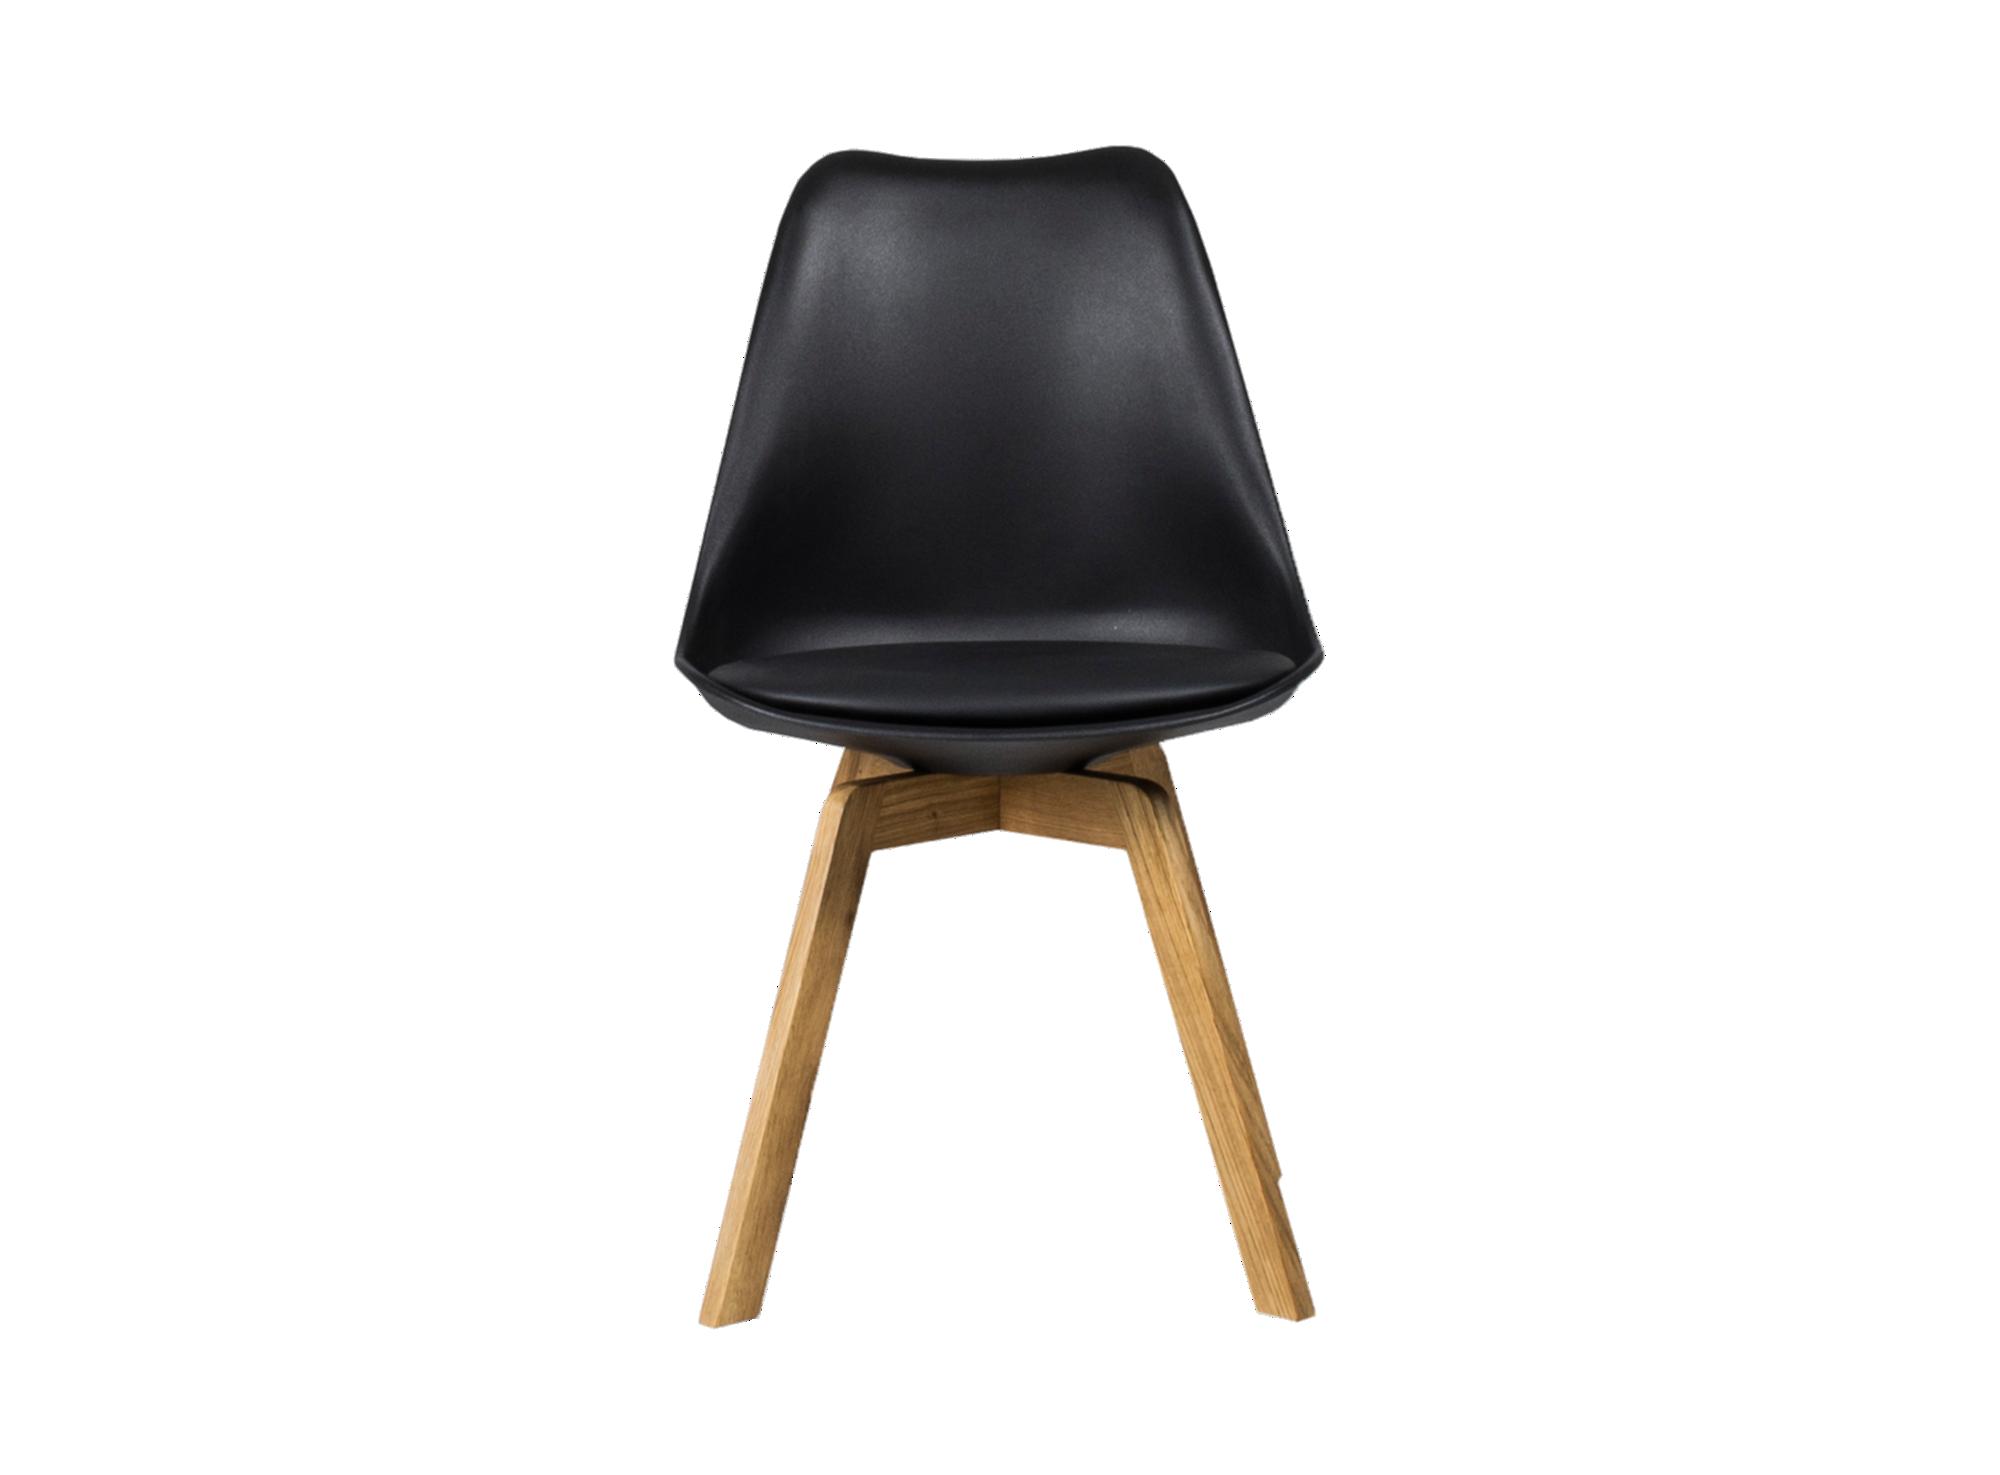 Chaise : pietement en chene finition huile. coque en polypropylene co ...